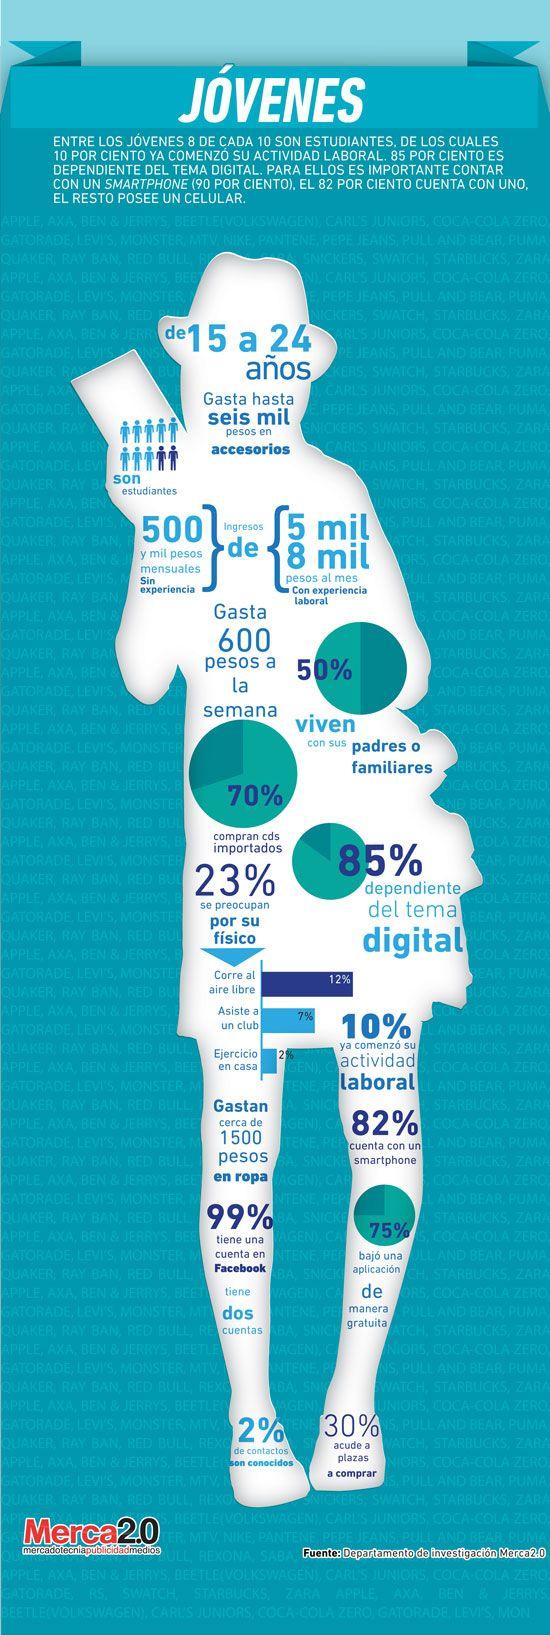 Siguiendo con los perfiles de consumidor en México -obtenidos a partir de los últimos estudios de la revista Merca2.0-, es el turno de presentar a los Jóvenes. de los cuales la mayoría estudia, la ...